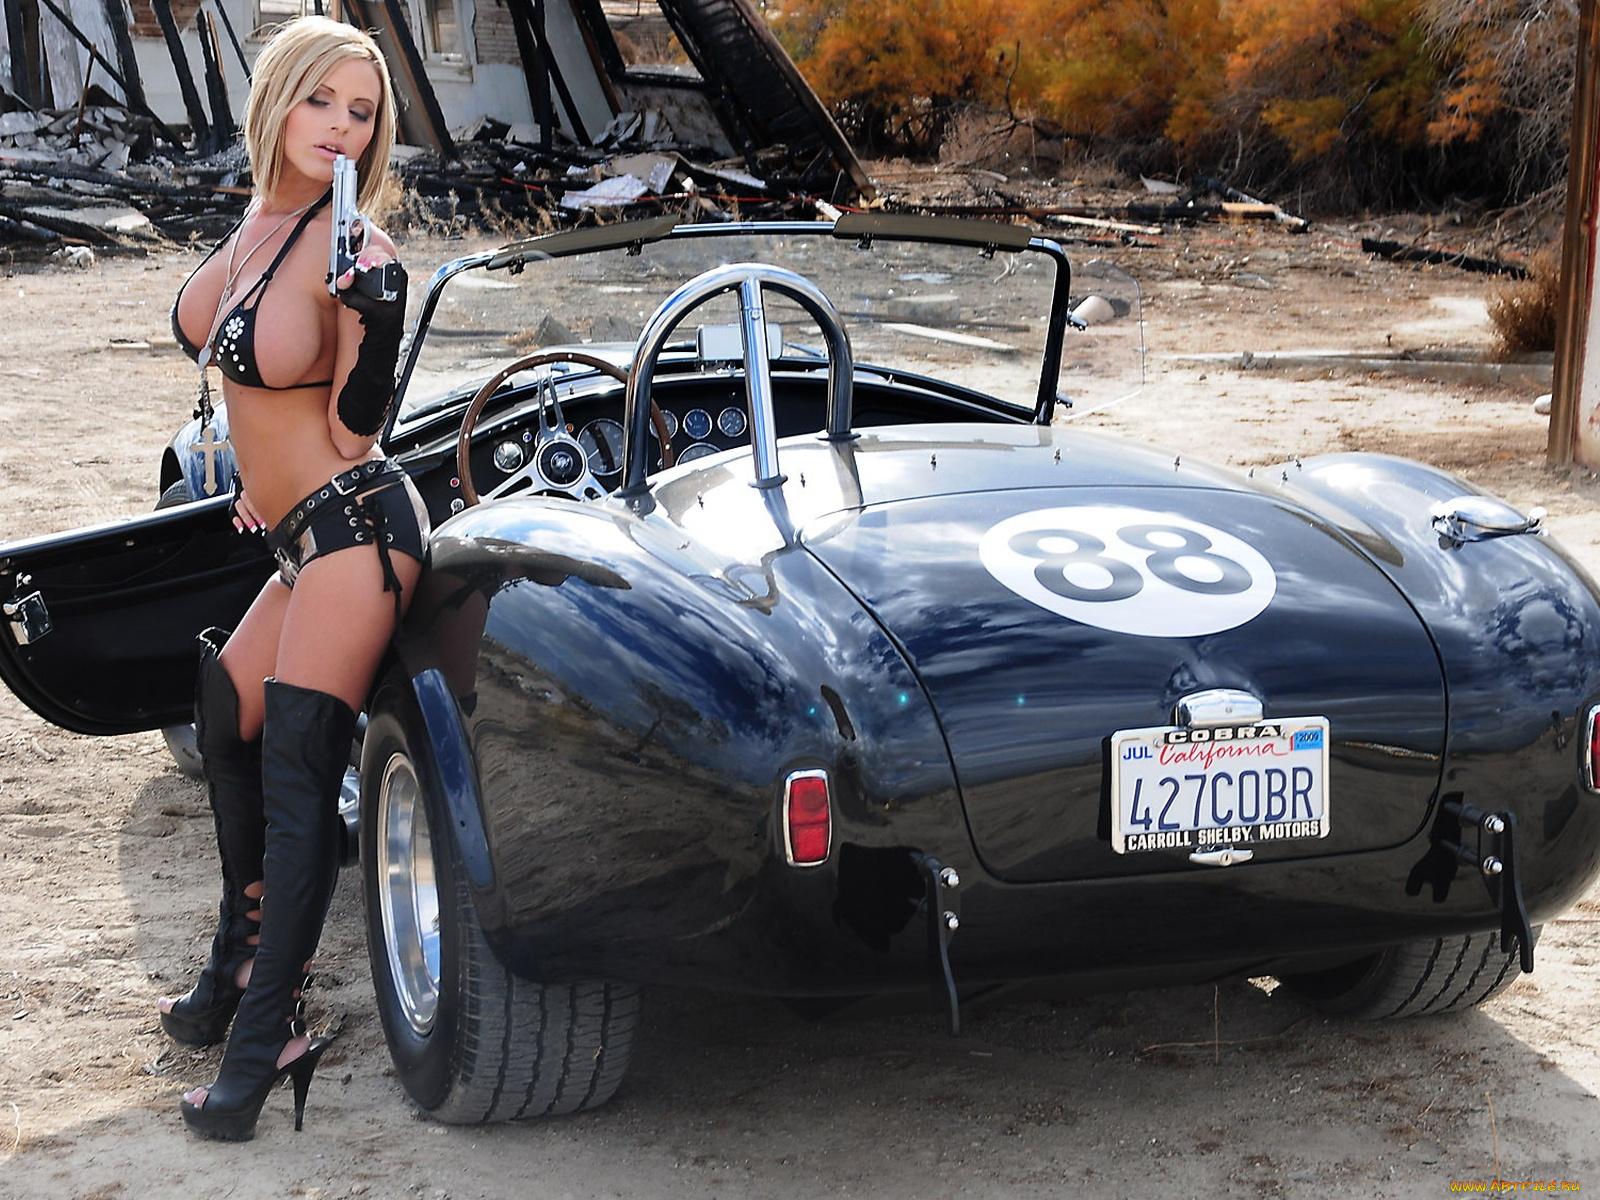 Грудастая девка возле машины, порно картинки сисек и пизды